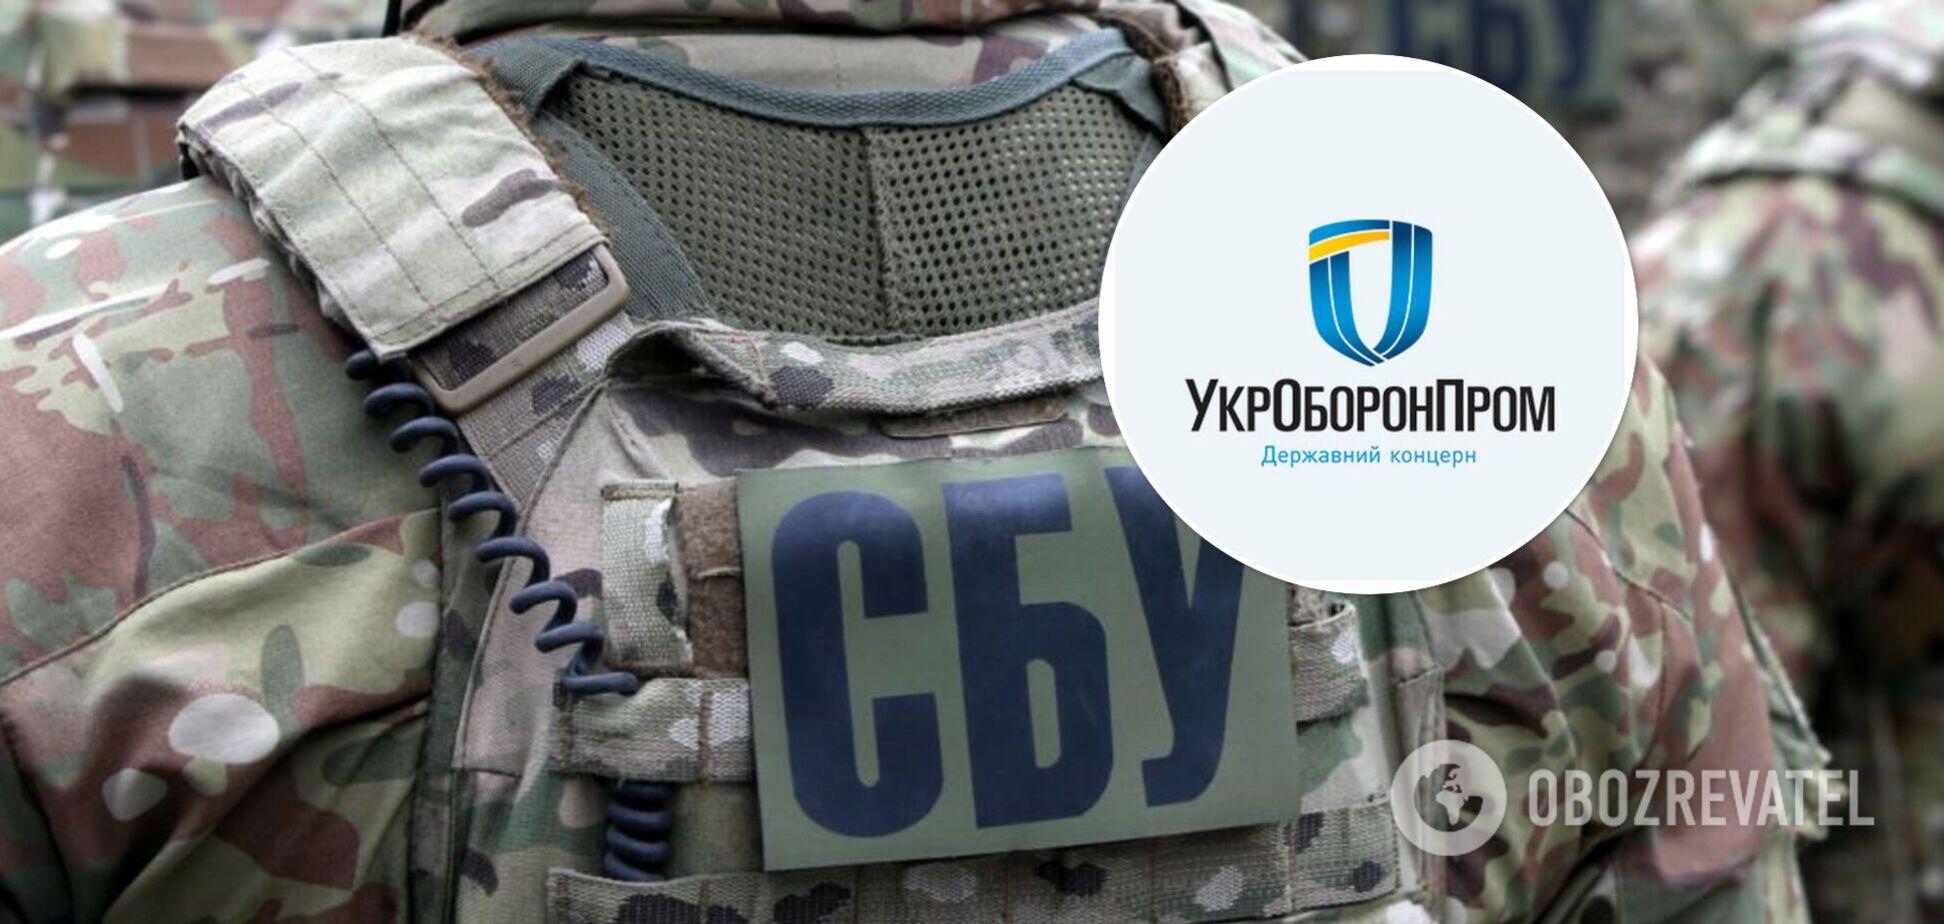 Экс-директора предприятия 'Укроборонпрома' уличили в техобслуживании иностранного военного самолета